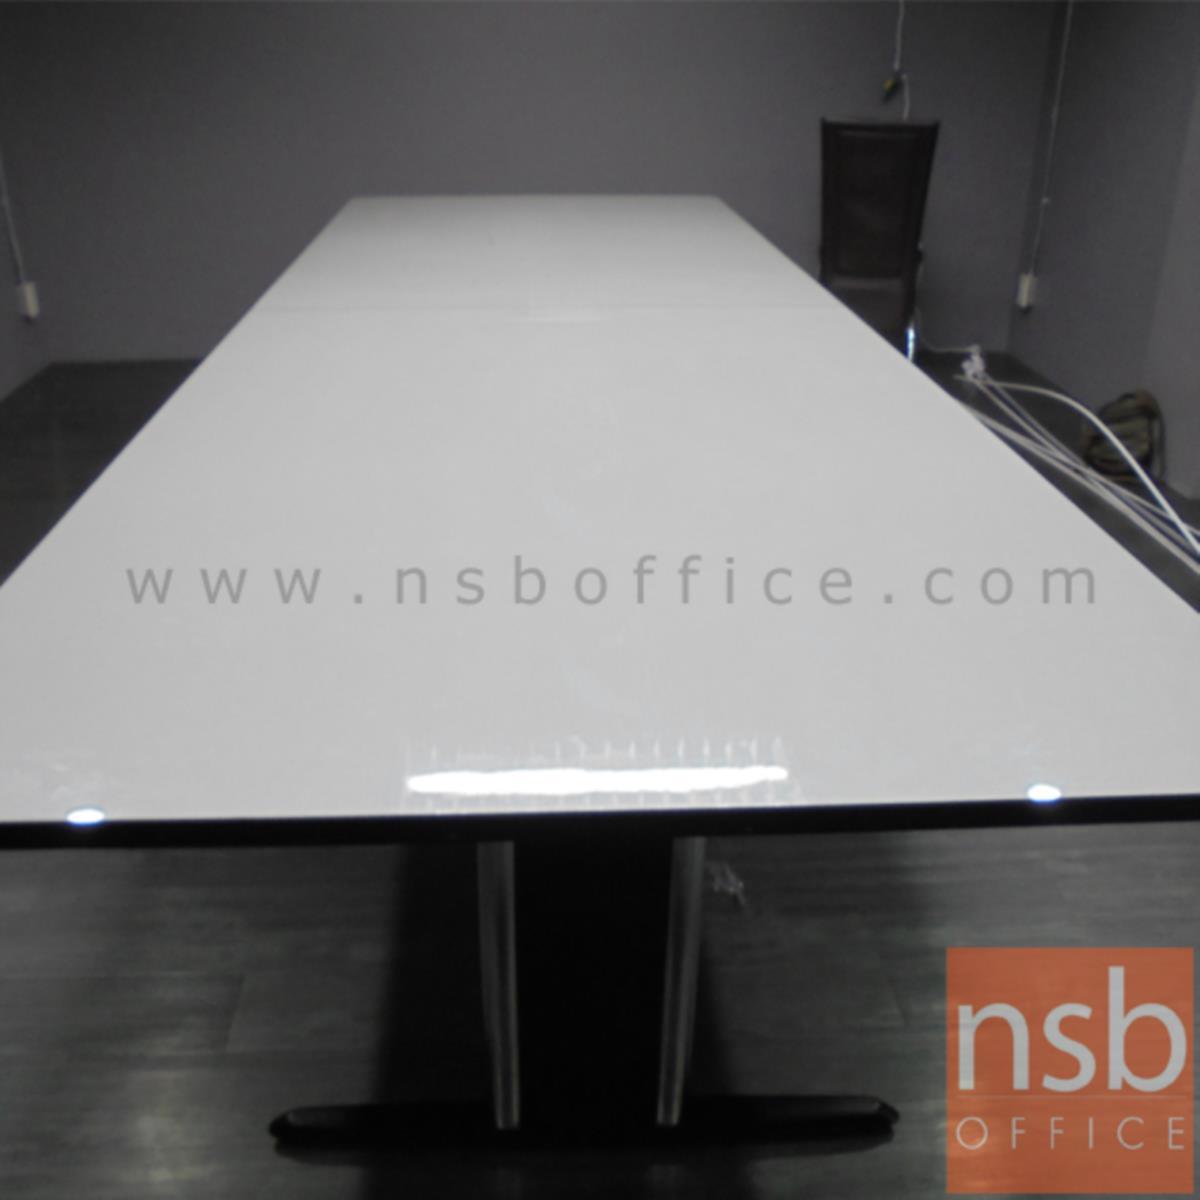 โต๊ะประชุมทรงสี่เหลี่ยม  ขนาด 300W-480W cm. พร้อมระบบคานเหล็ก ขาเหล็กตัวไอ